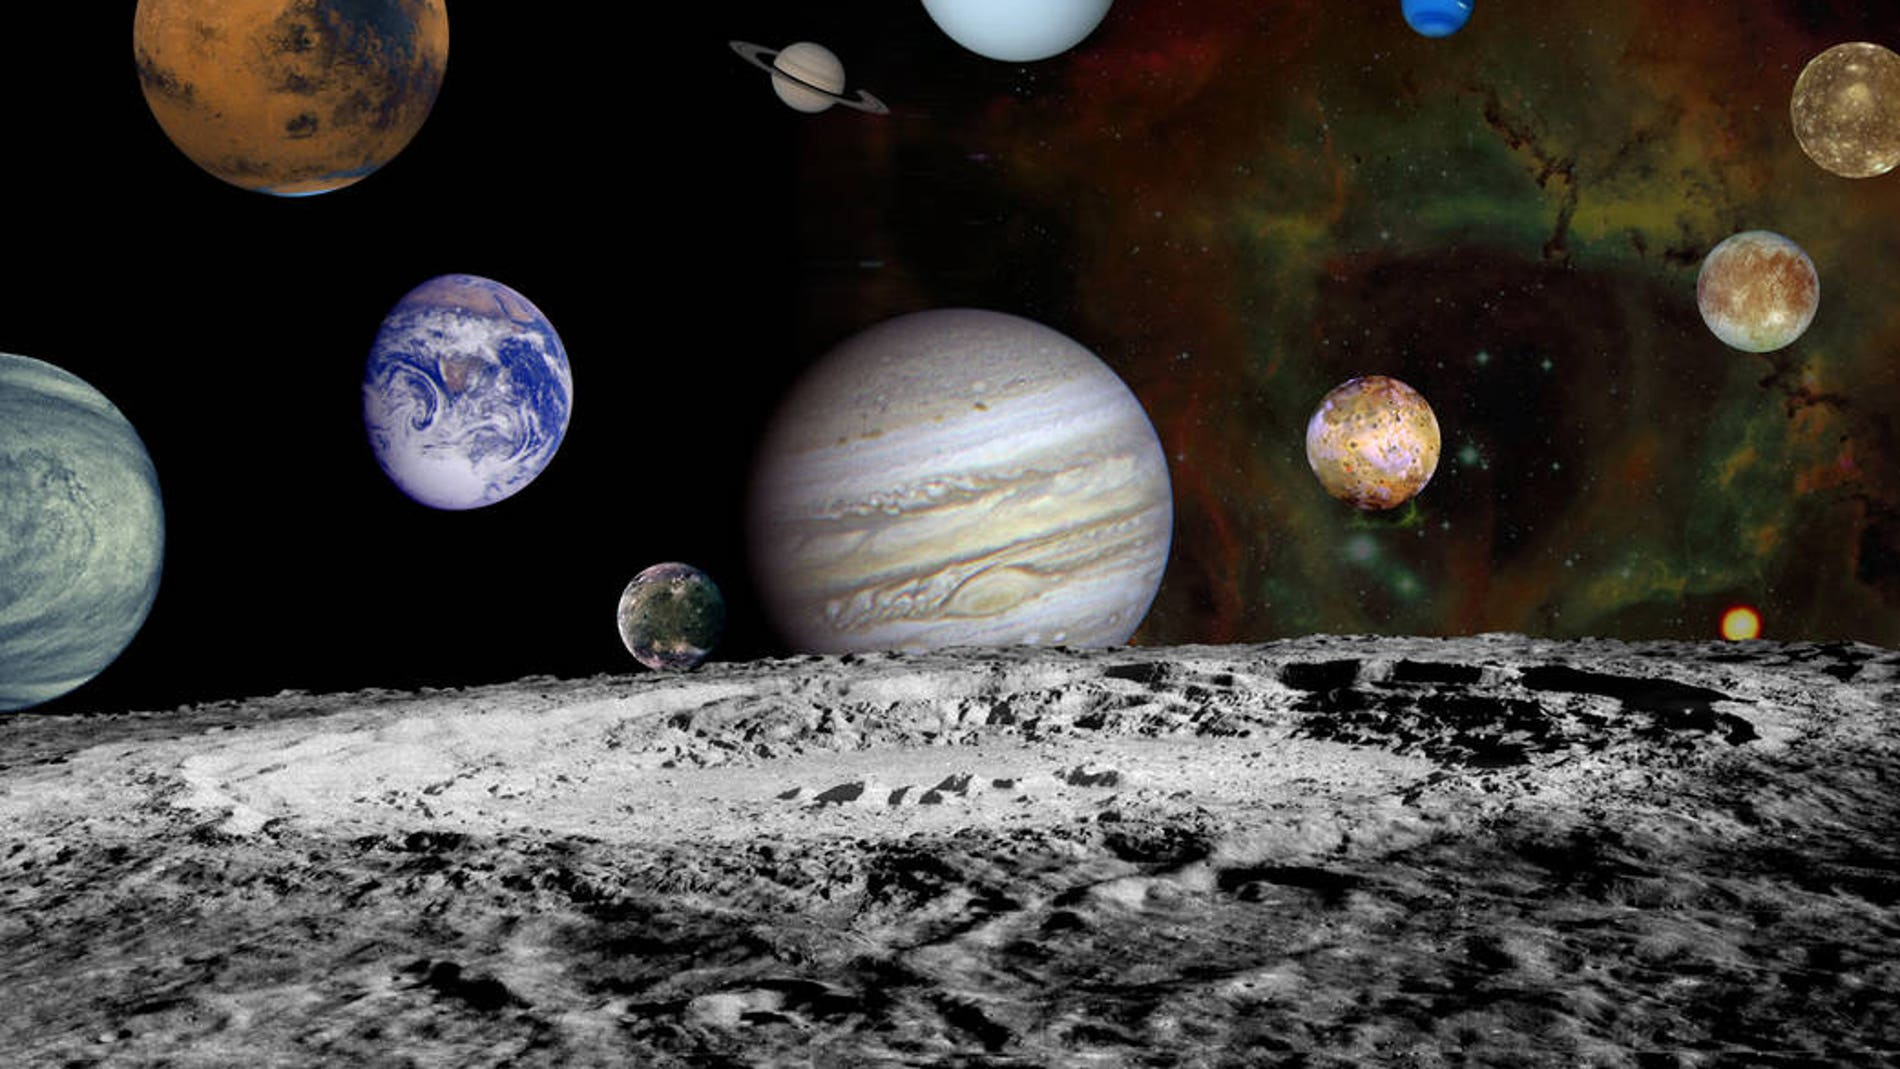 Otros planetas y lunas del sistema solar todavía han sido poco explorados